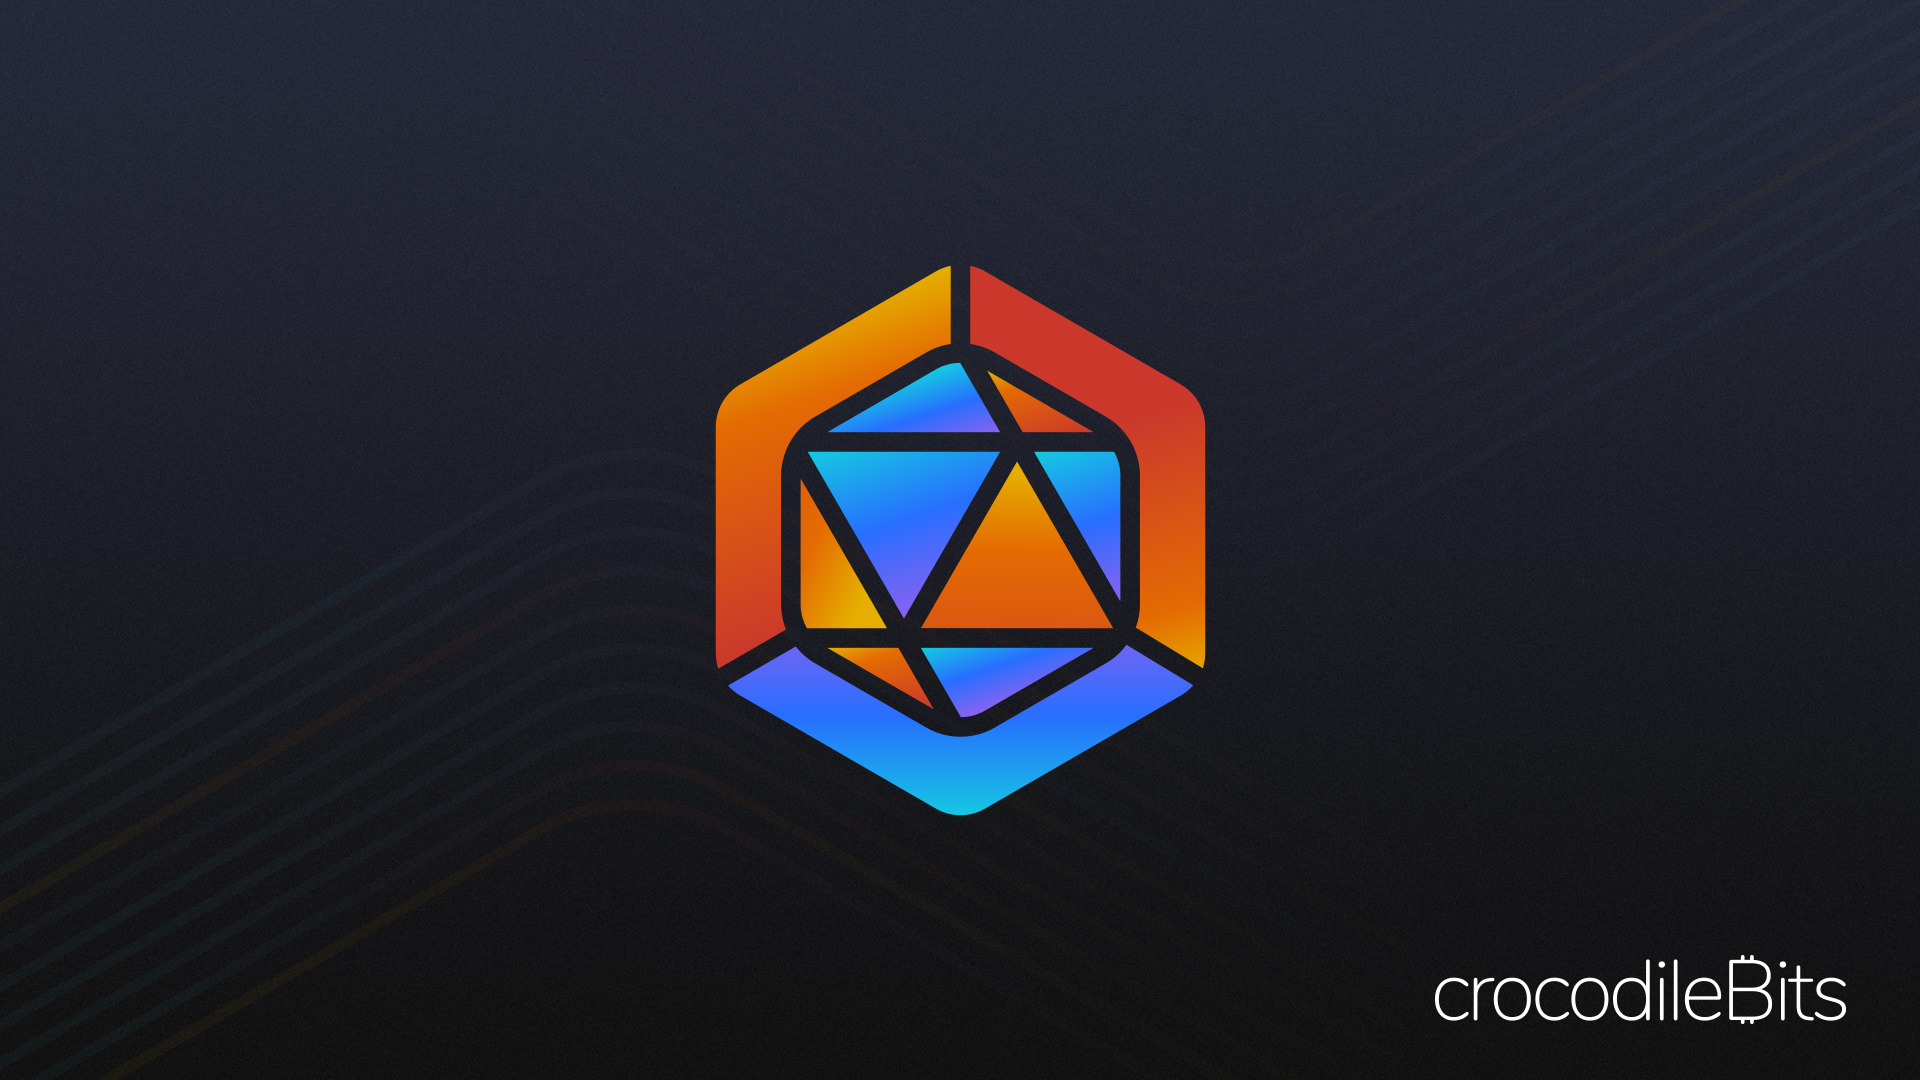 Logo and brand design crypto currency עיצוב לוגו ויצירת מותג מטבע קריפטוגרפי CrocodileBits